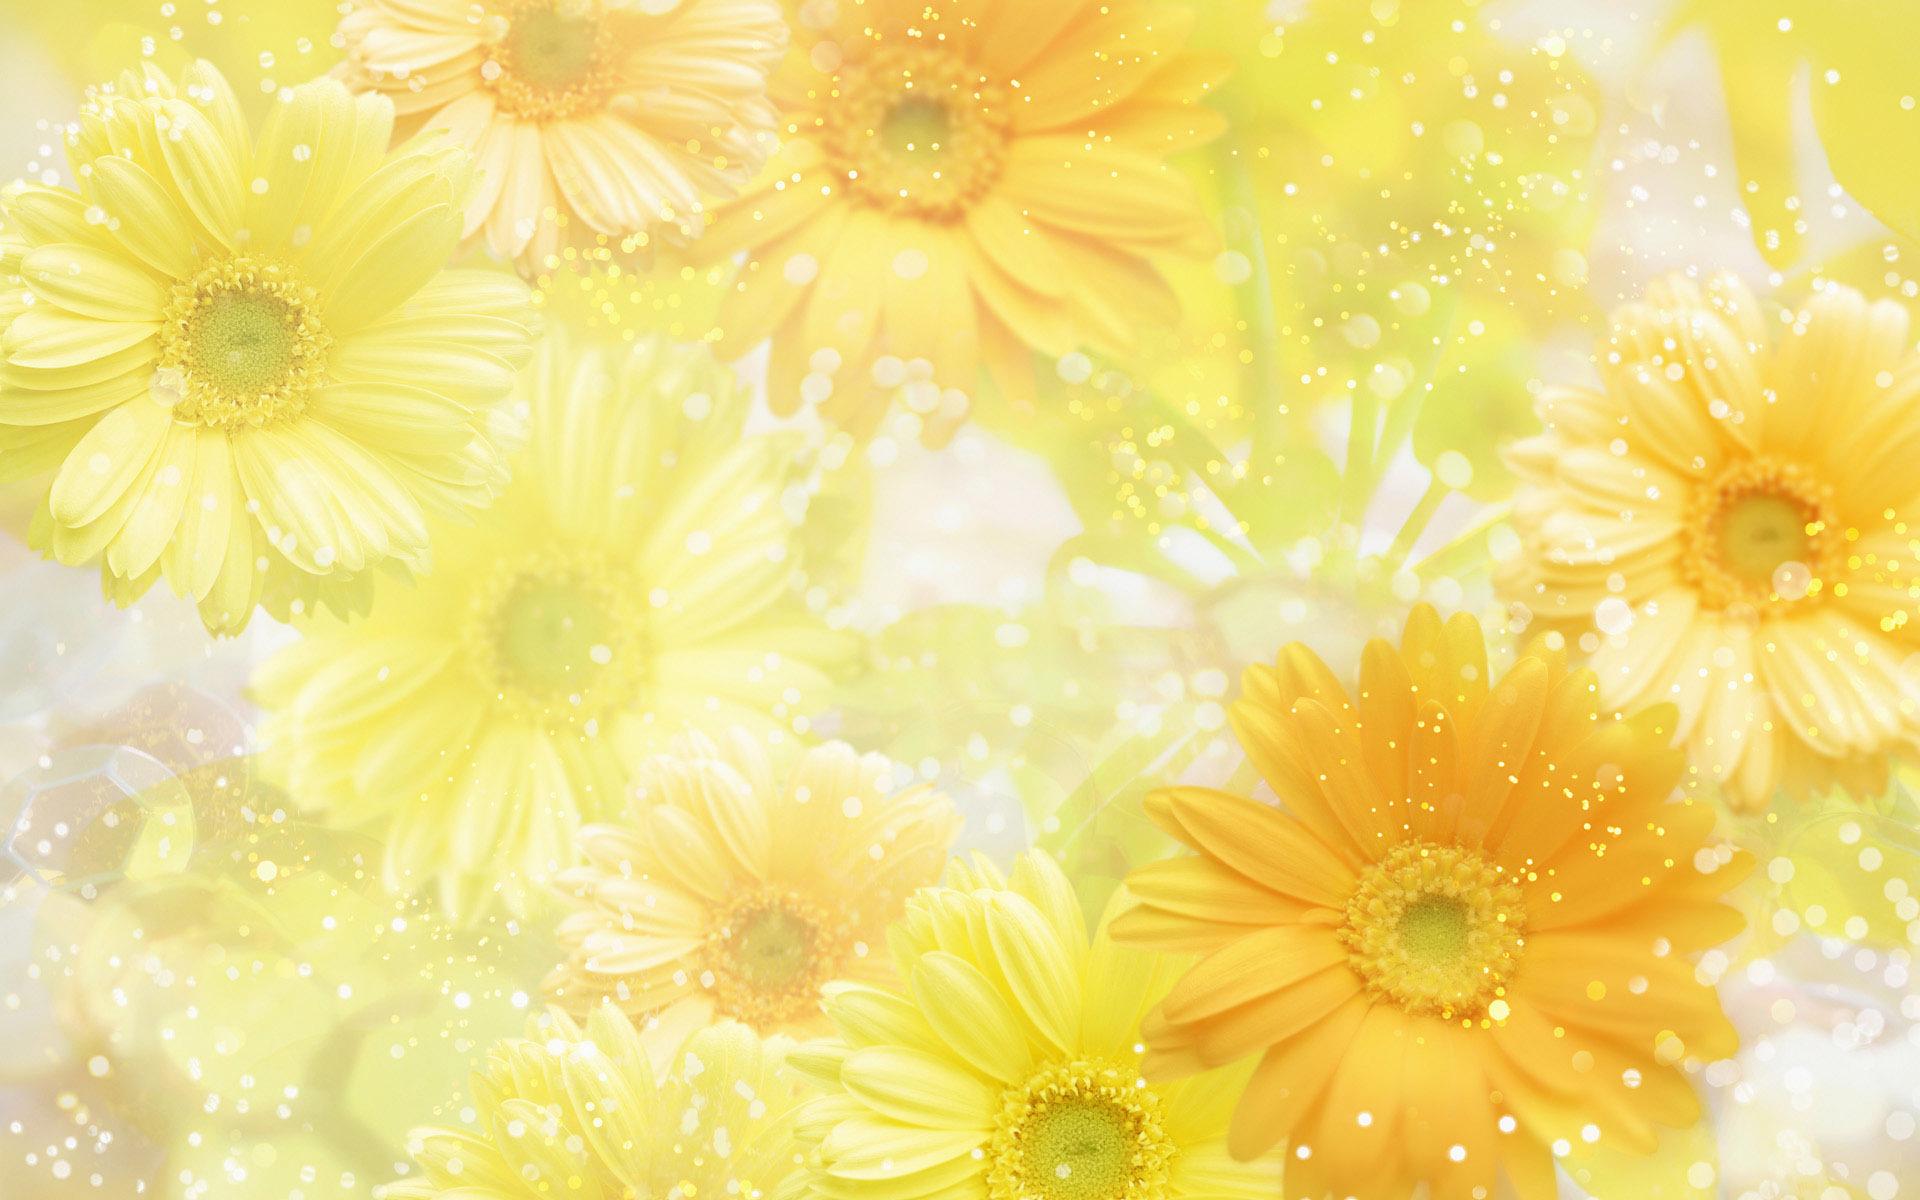 12799 скачать обои Растения, Цветы, Фон - заставки и картинки бесплатно